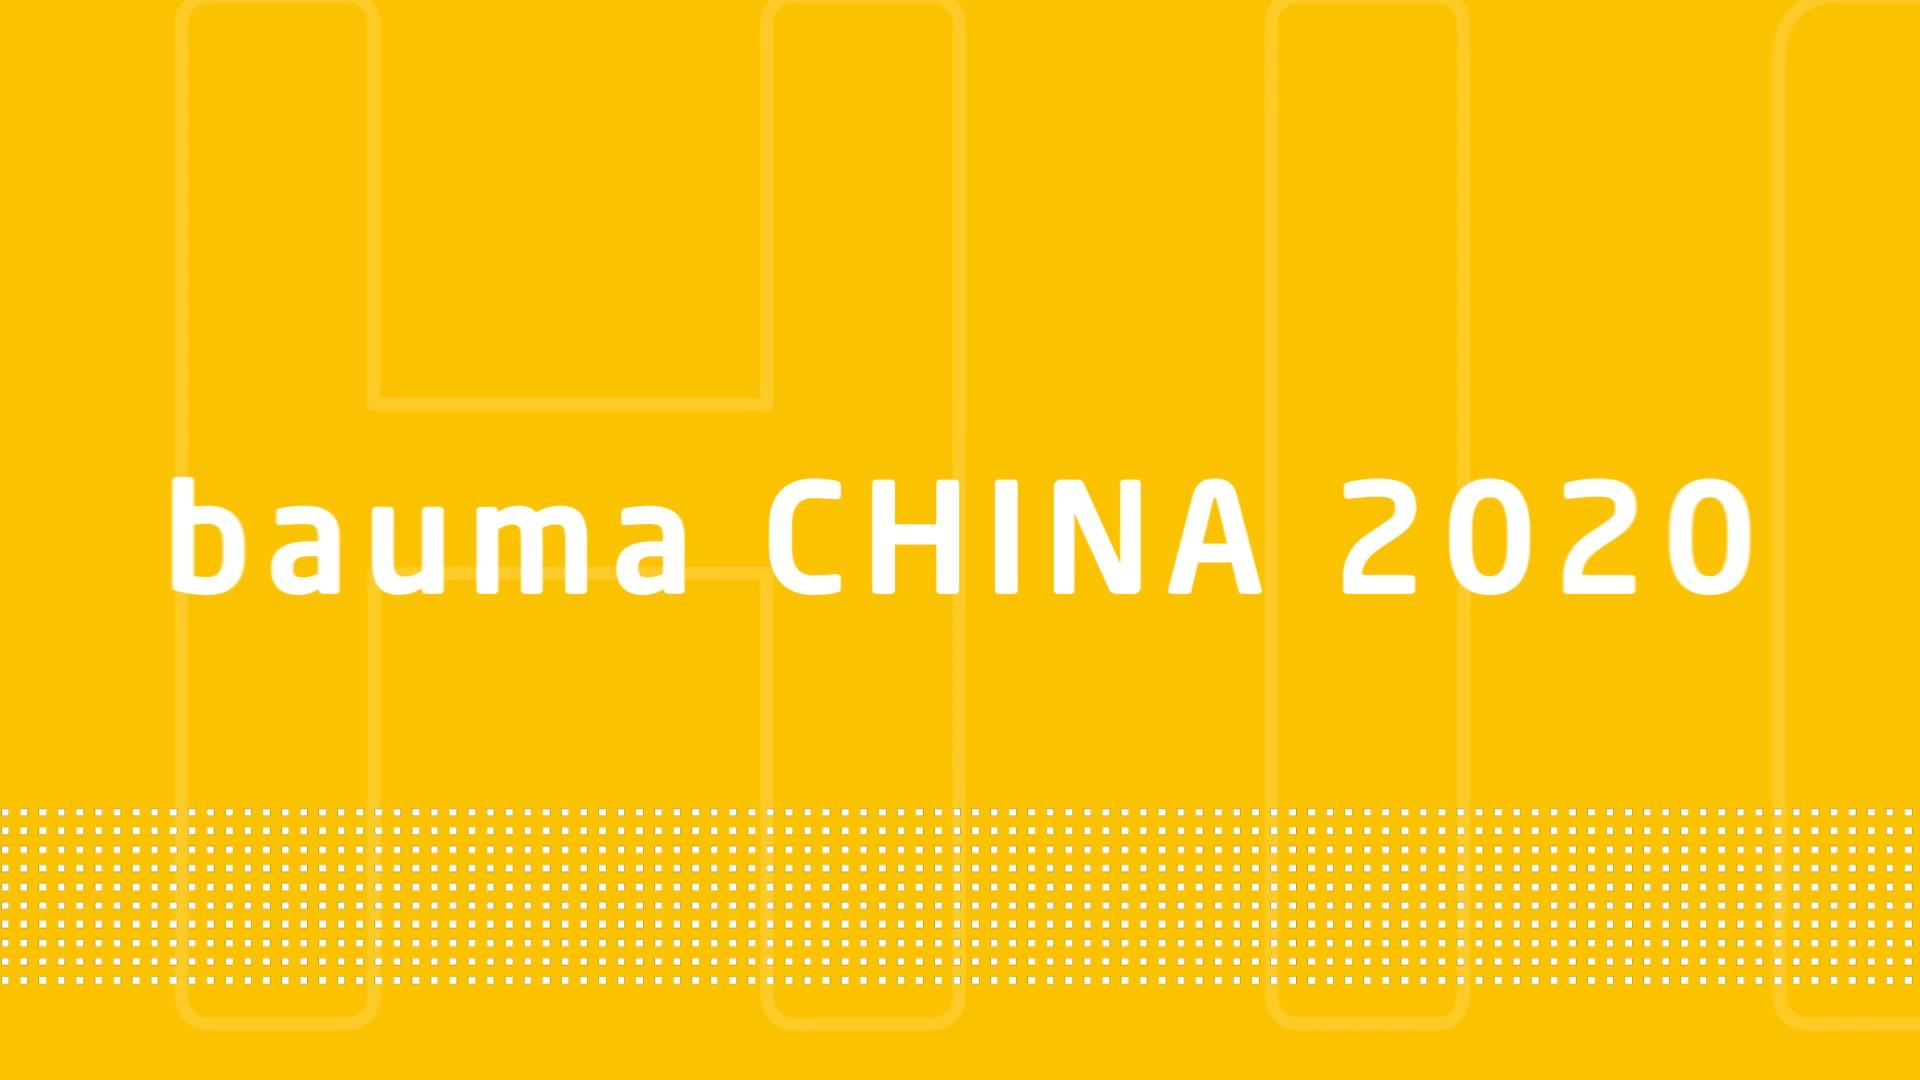 bauma CHINA 2020 DAY 2